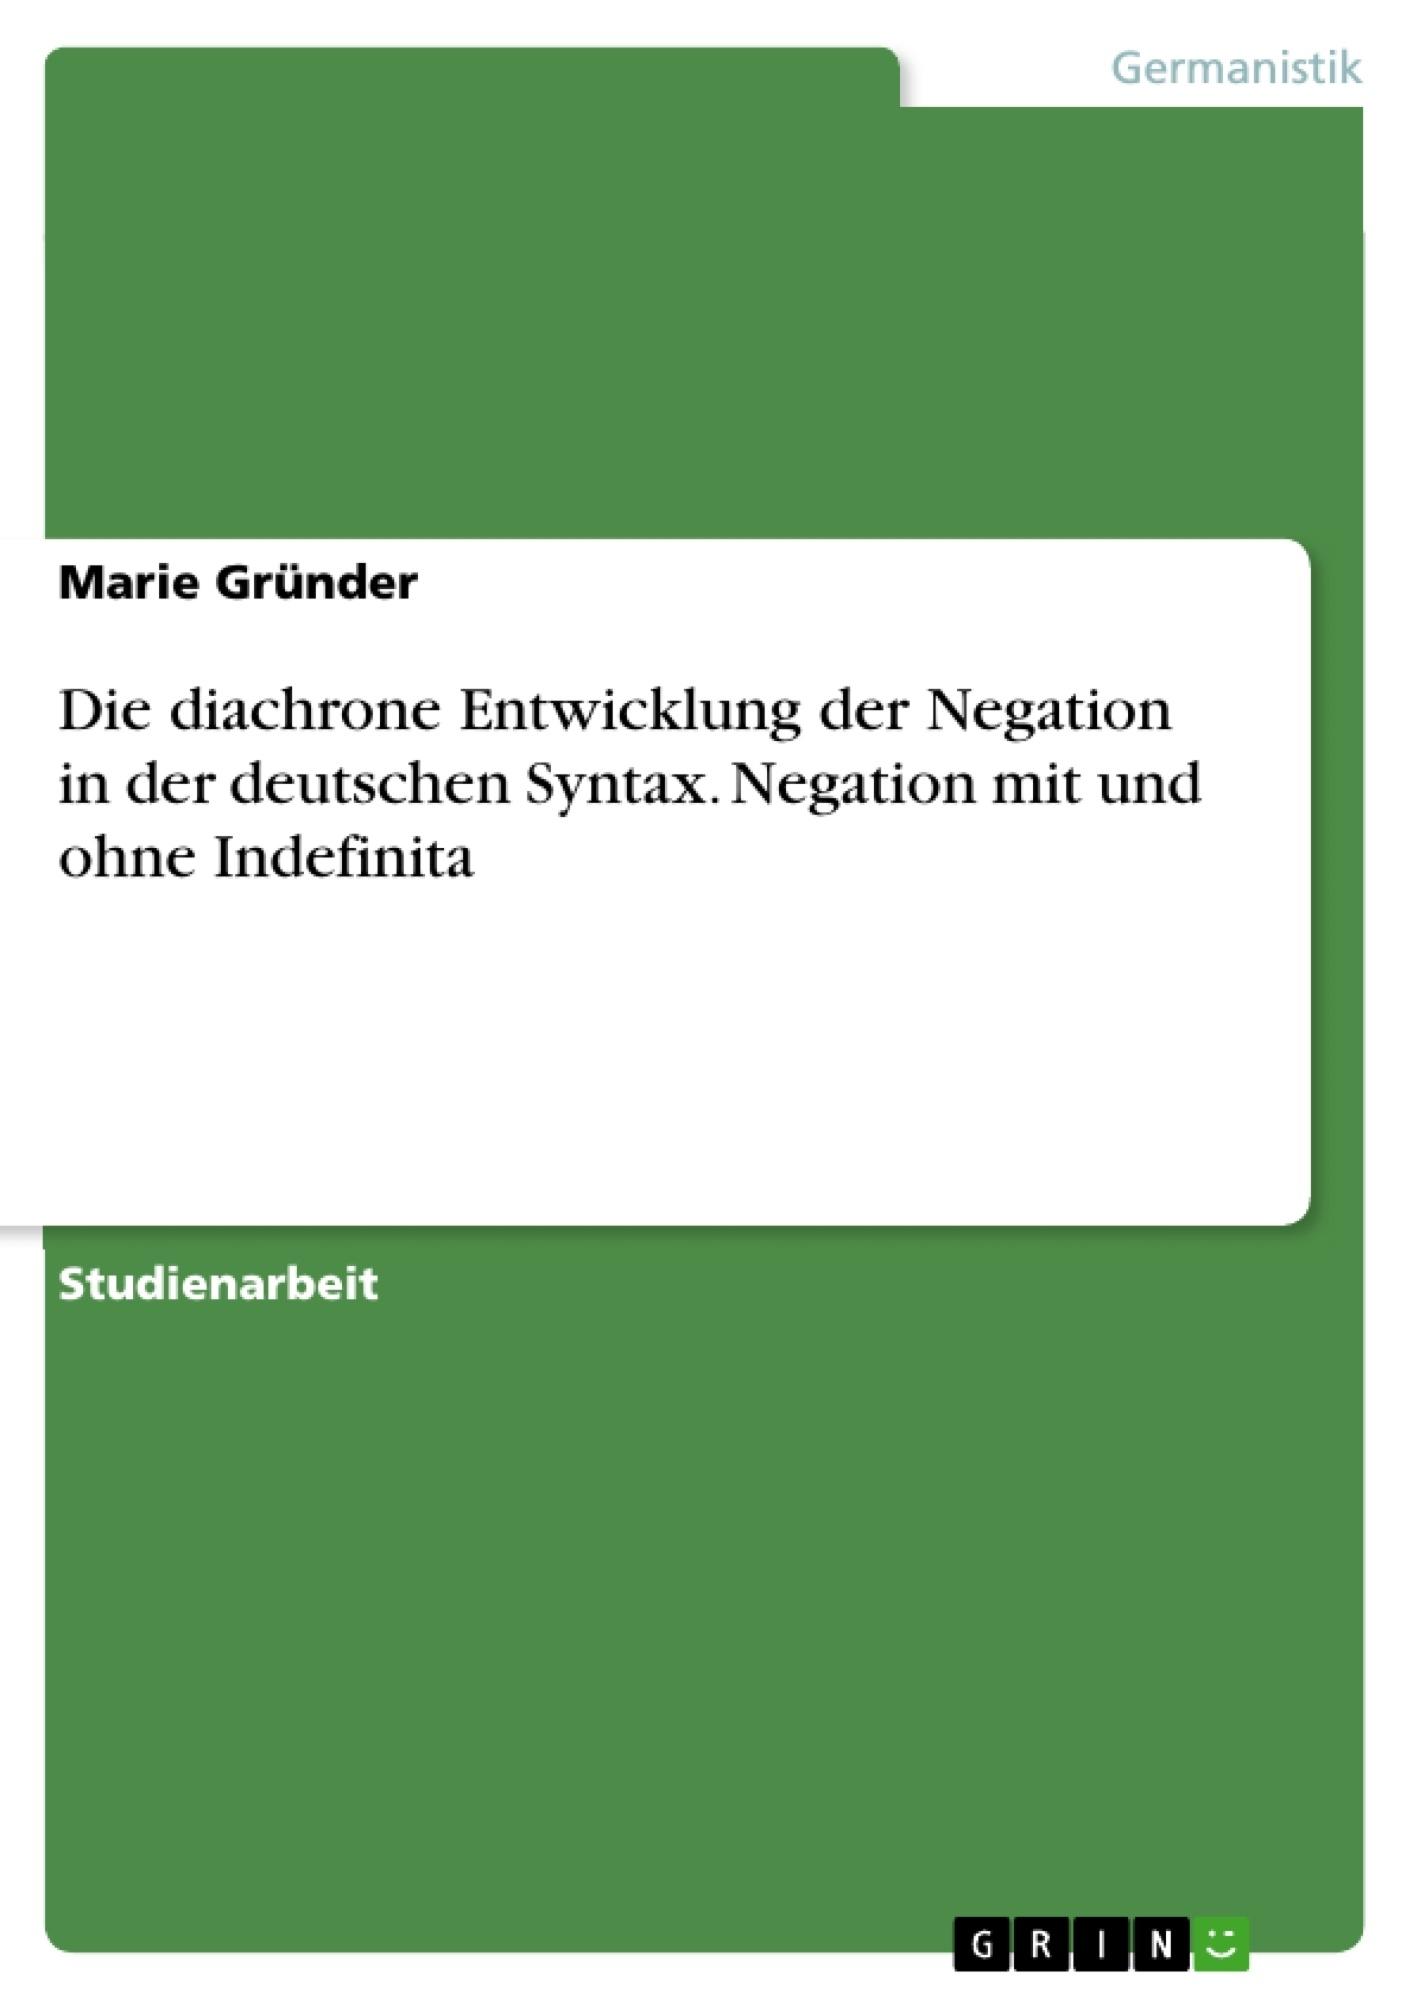 Titel: Die diachrone Entwicklung der Negation in der deutschen Syntax. Negation mit und ohne Indefinita